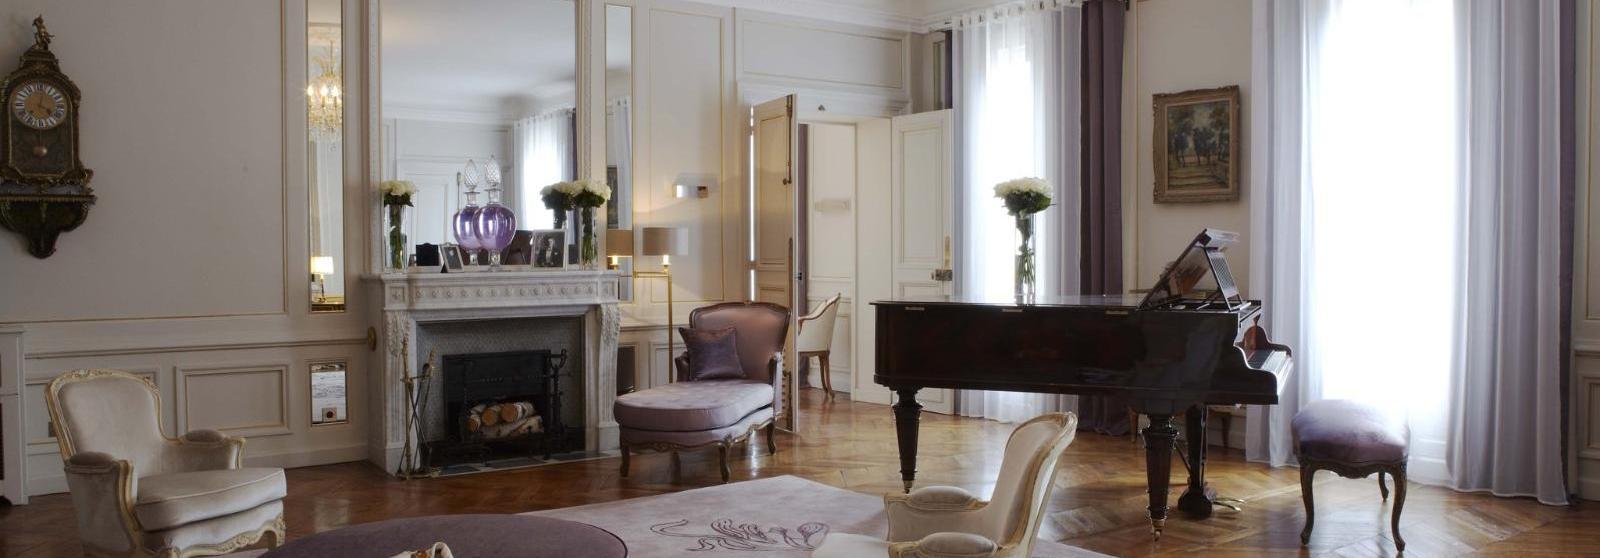 兰卡斯特酒店(Hotel Lancaster) 玛莲娜·迪特里茜套房起居室图片  www.lhw.cn